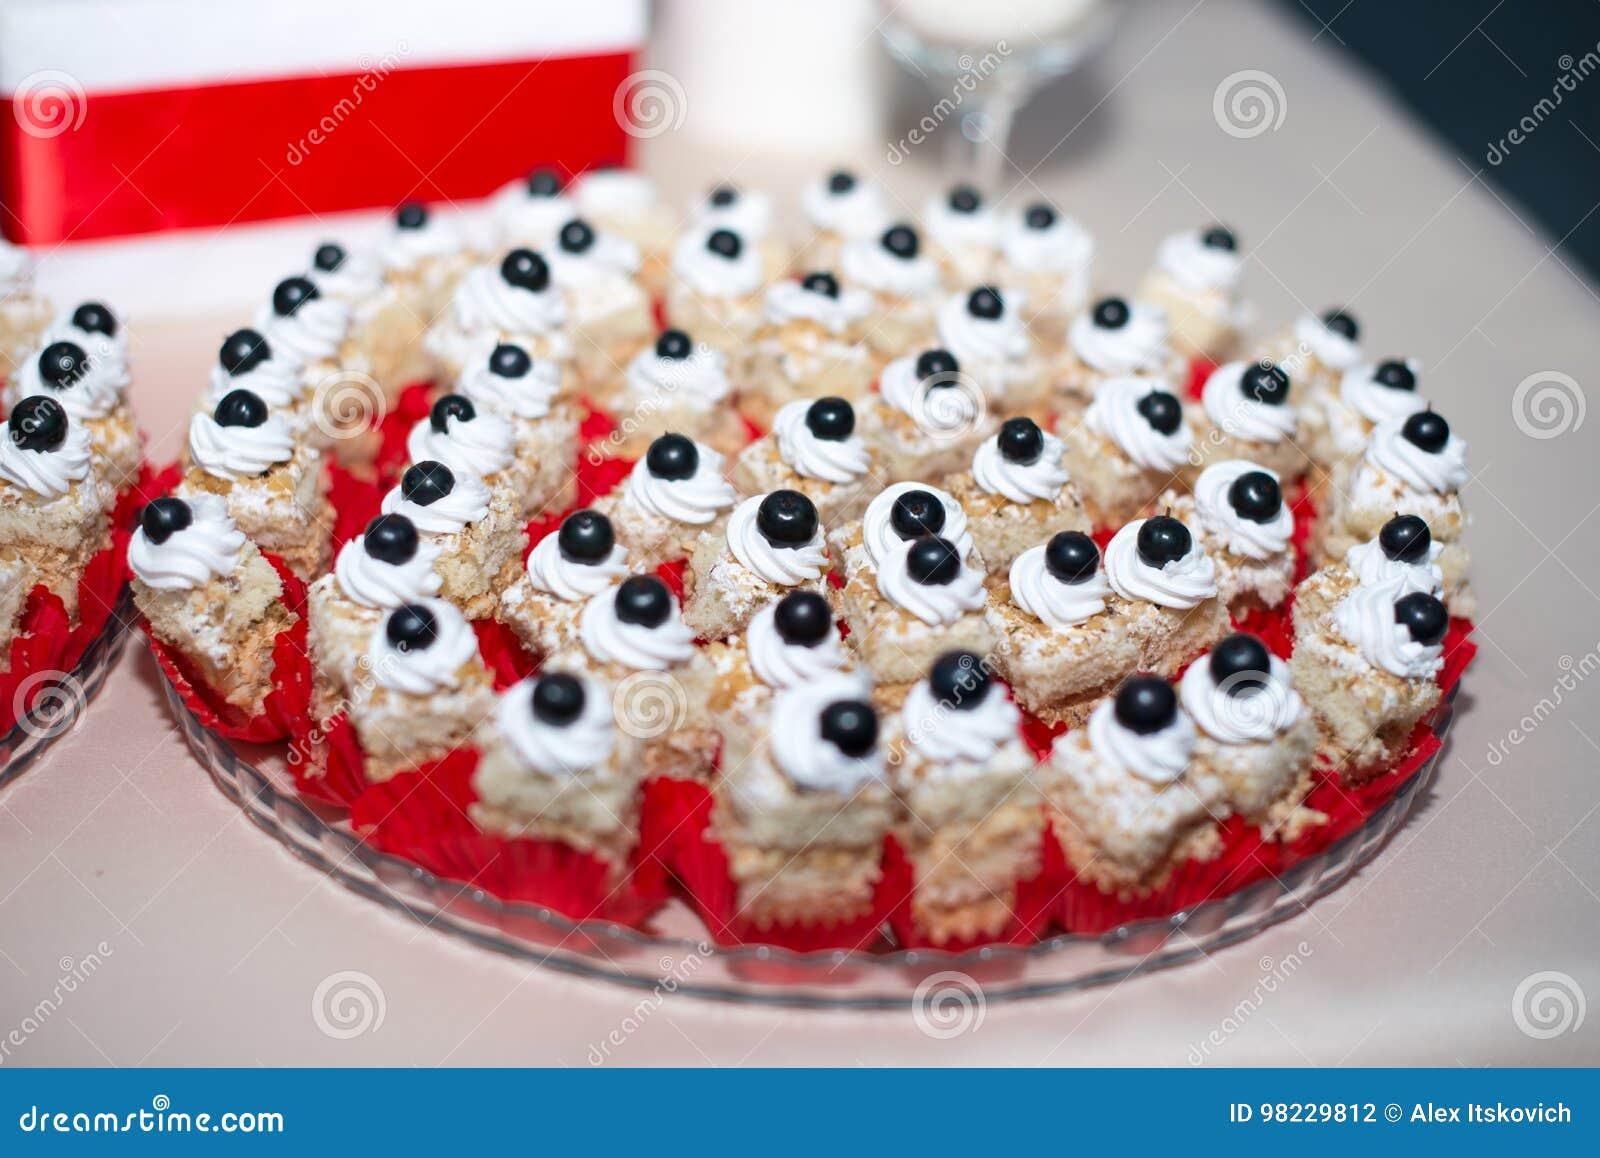 Doces deliciosos no bufete dos doces Lote de sobremesas coloridas na tabela